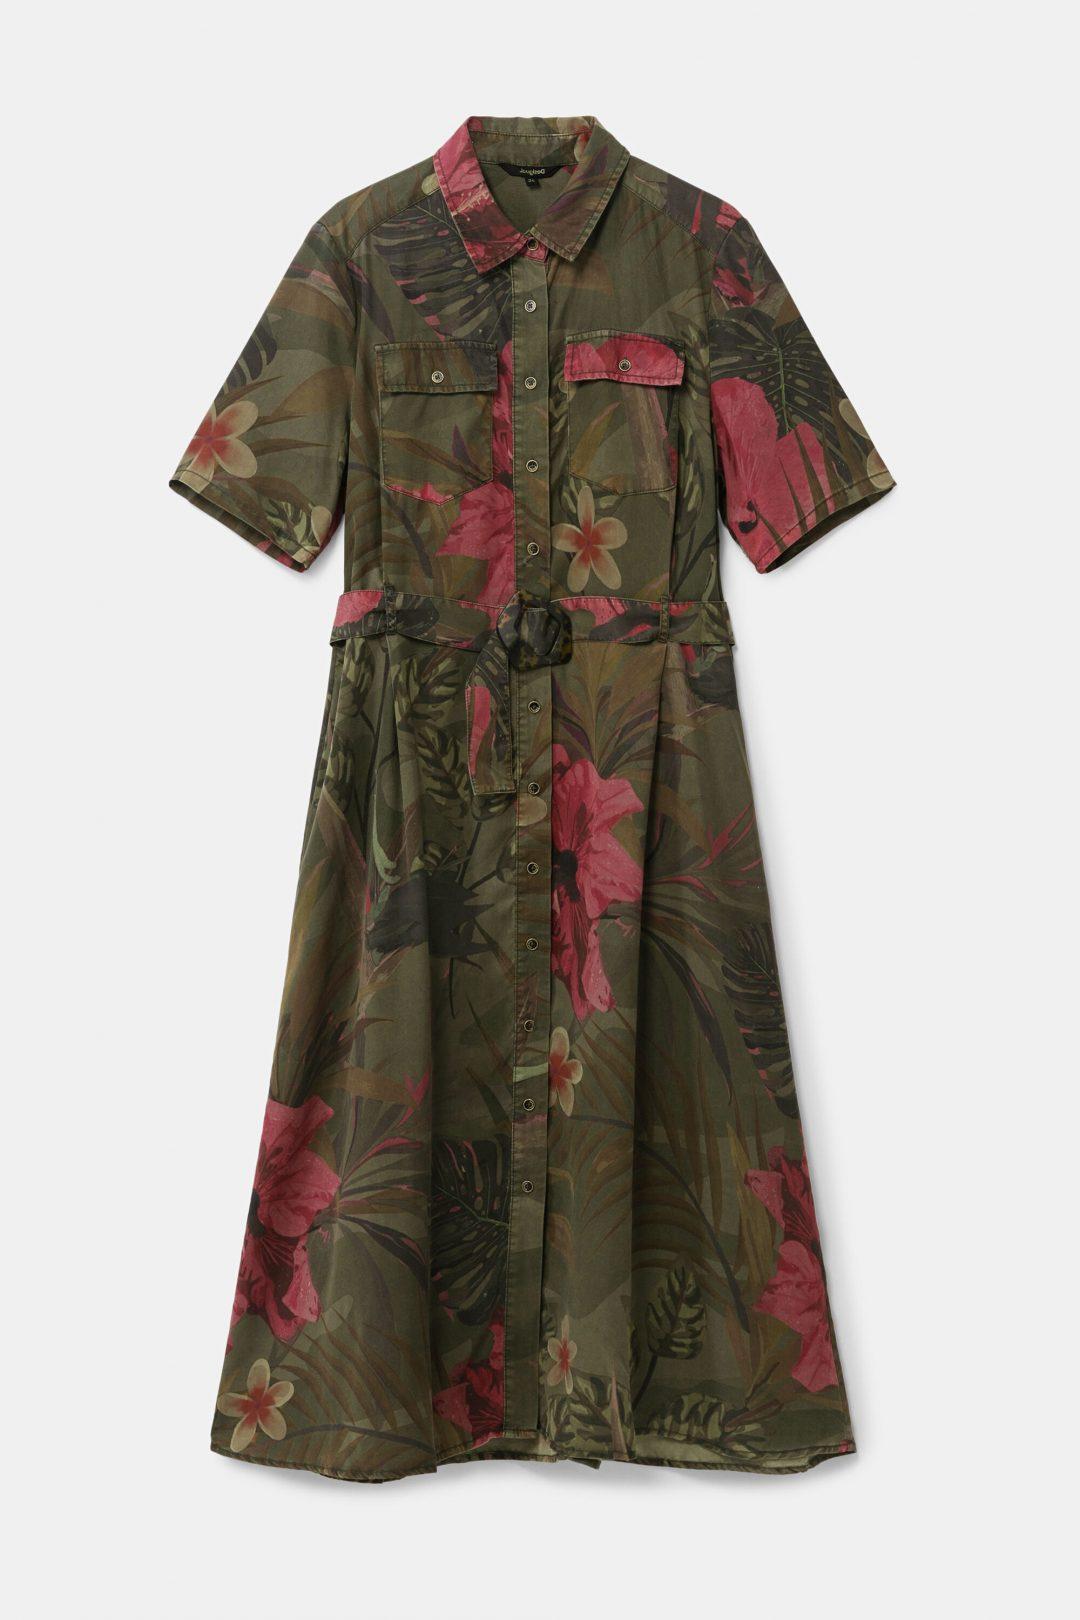 Desigual haljina 909kn, Vikend+ cijena 727.20kn